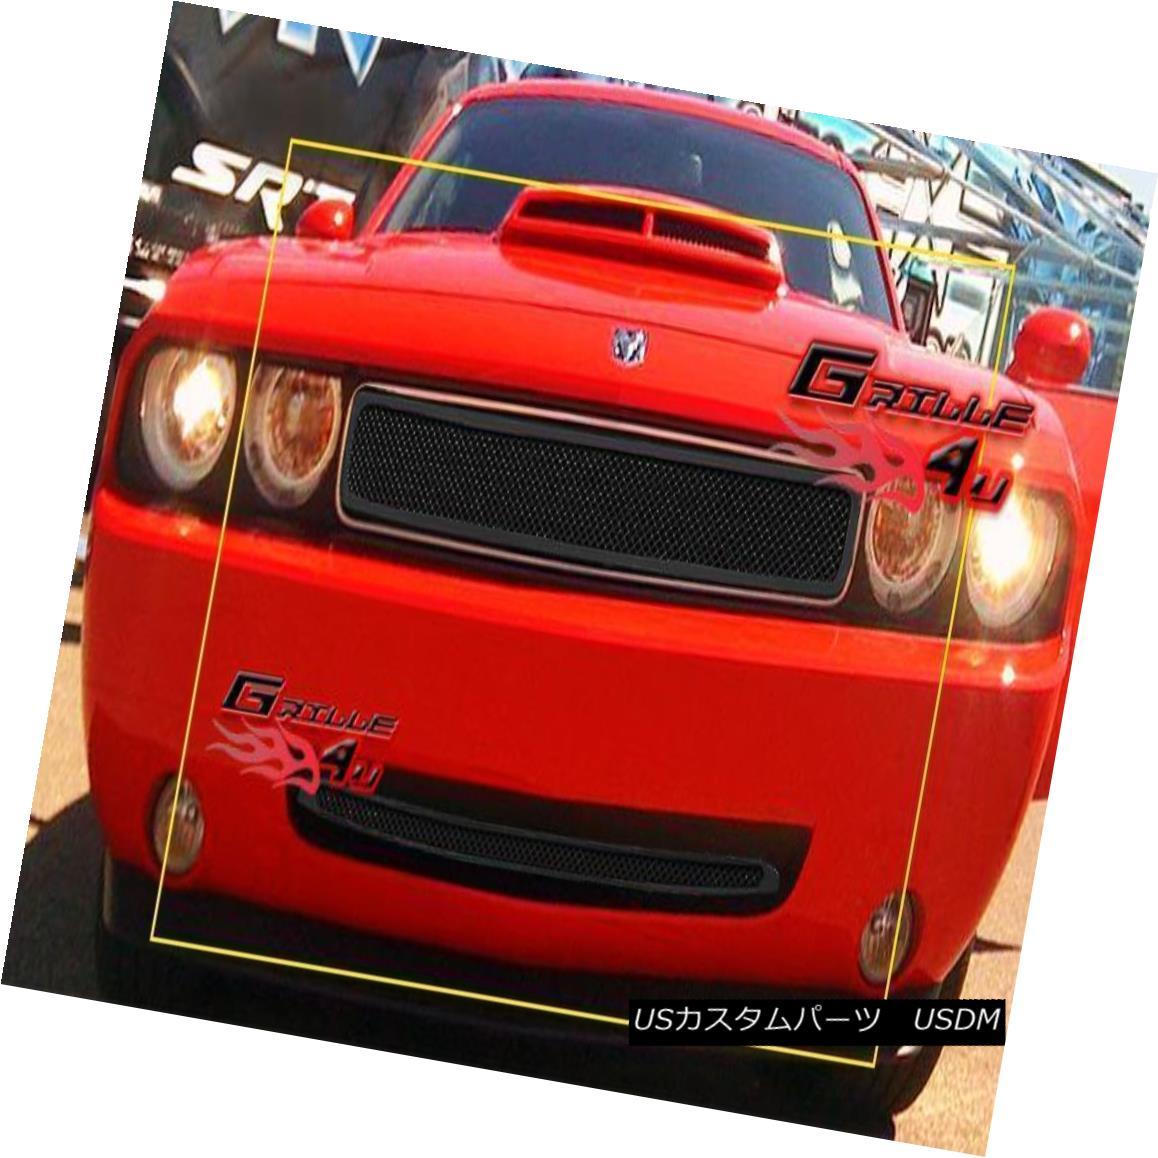 グリル Fits 09-10 Dodge Challenger Black Stainless Steel Mesh Grille Combo フィット09-10ダッジチャレンジャーブラックステンレスメッシュグリルコンボ